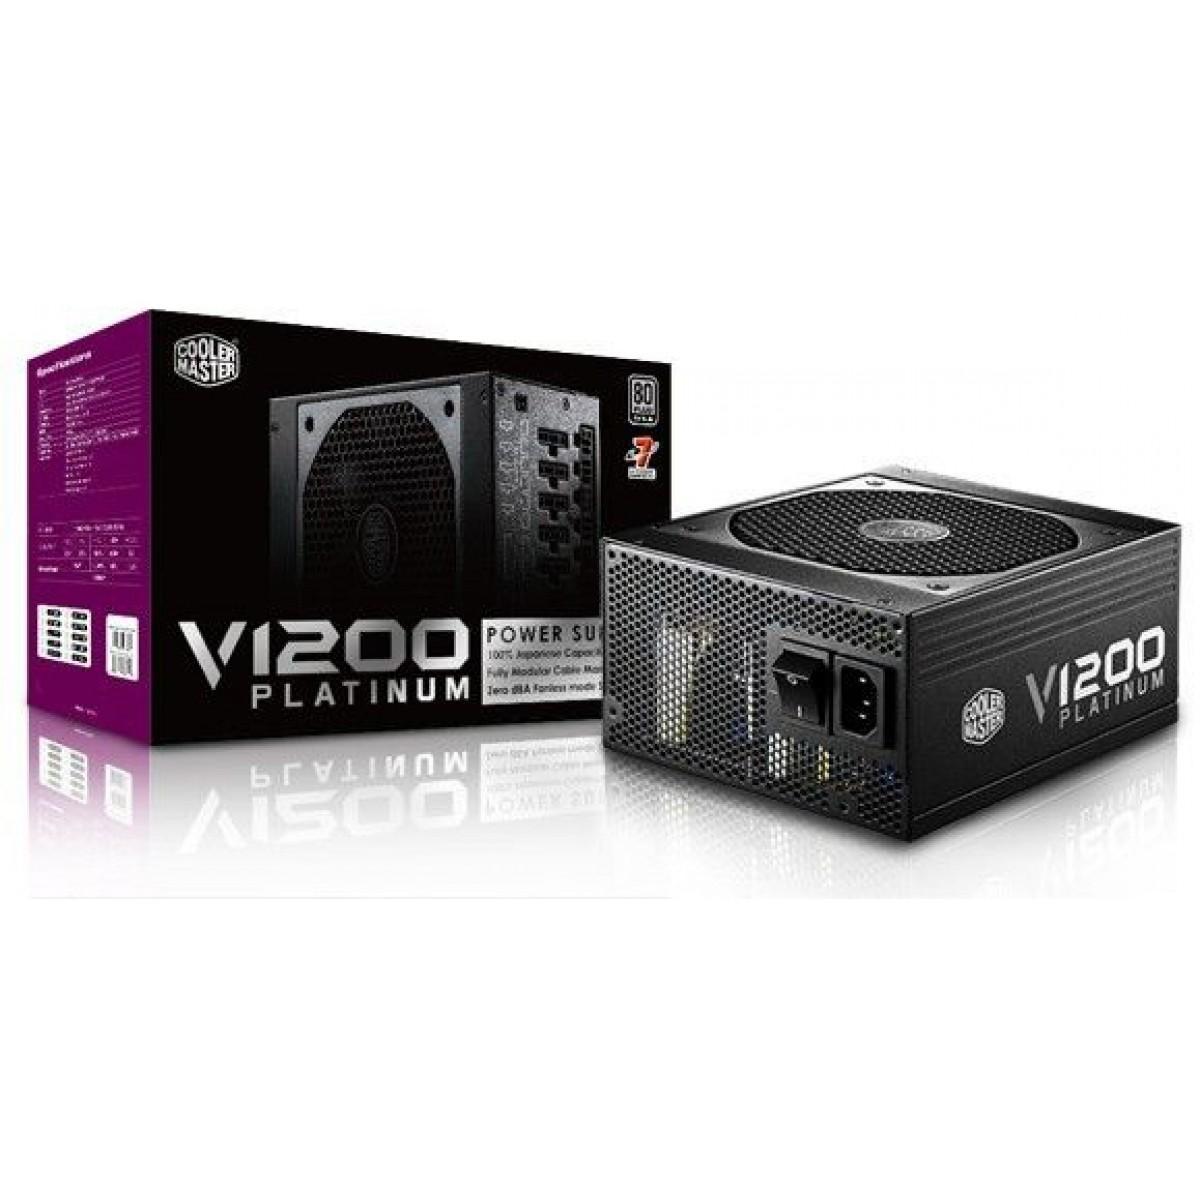 Fonte Cooler Master V1200, 80 Plus Platinum 1200W, PFC Ativo, Modular, RSC00-AFBAG1-WO